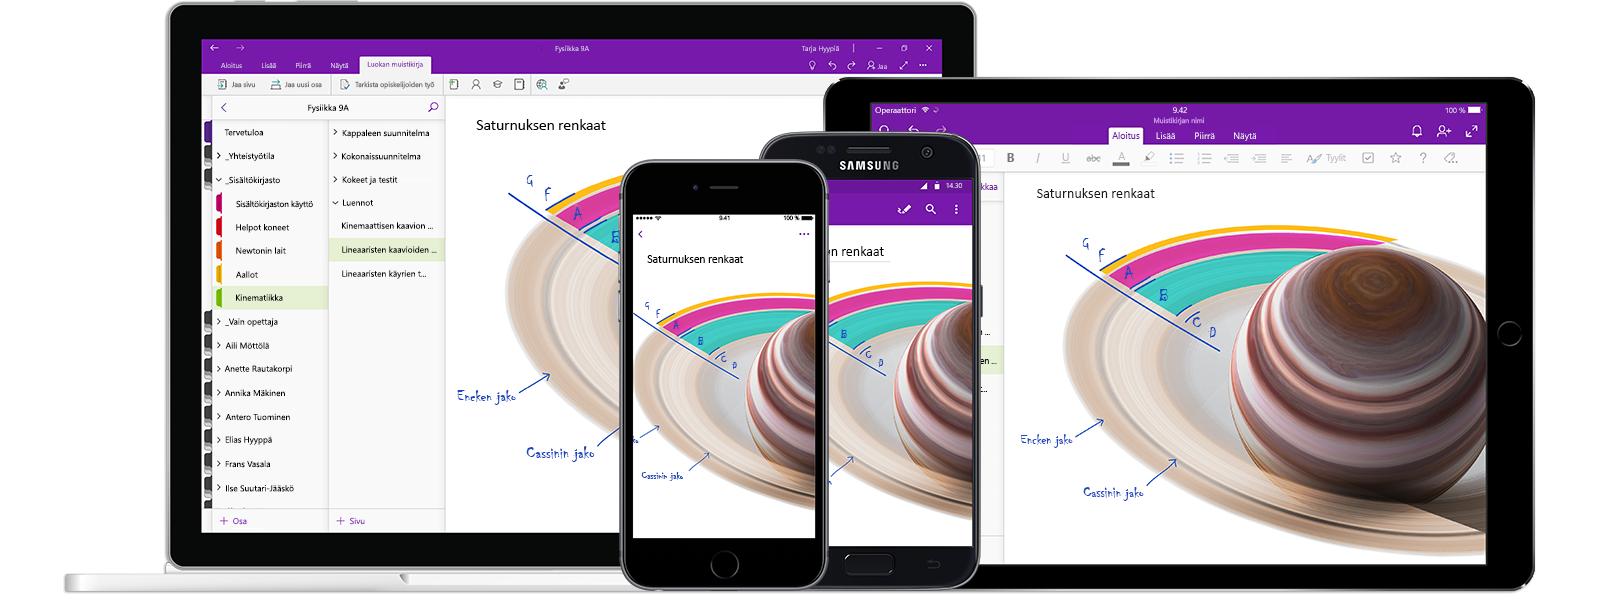 Kahdessa älypuhelimessa ja kahdessa tabletissa näkyvä Matemaattiset aineet 9A -niminen OneNote-muistikirja, jossa näkyy lineaarisia kaavioita esittelevä oppitunti